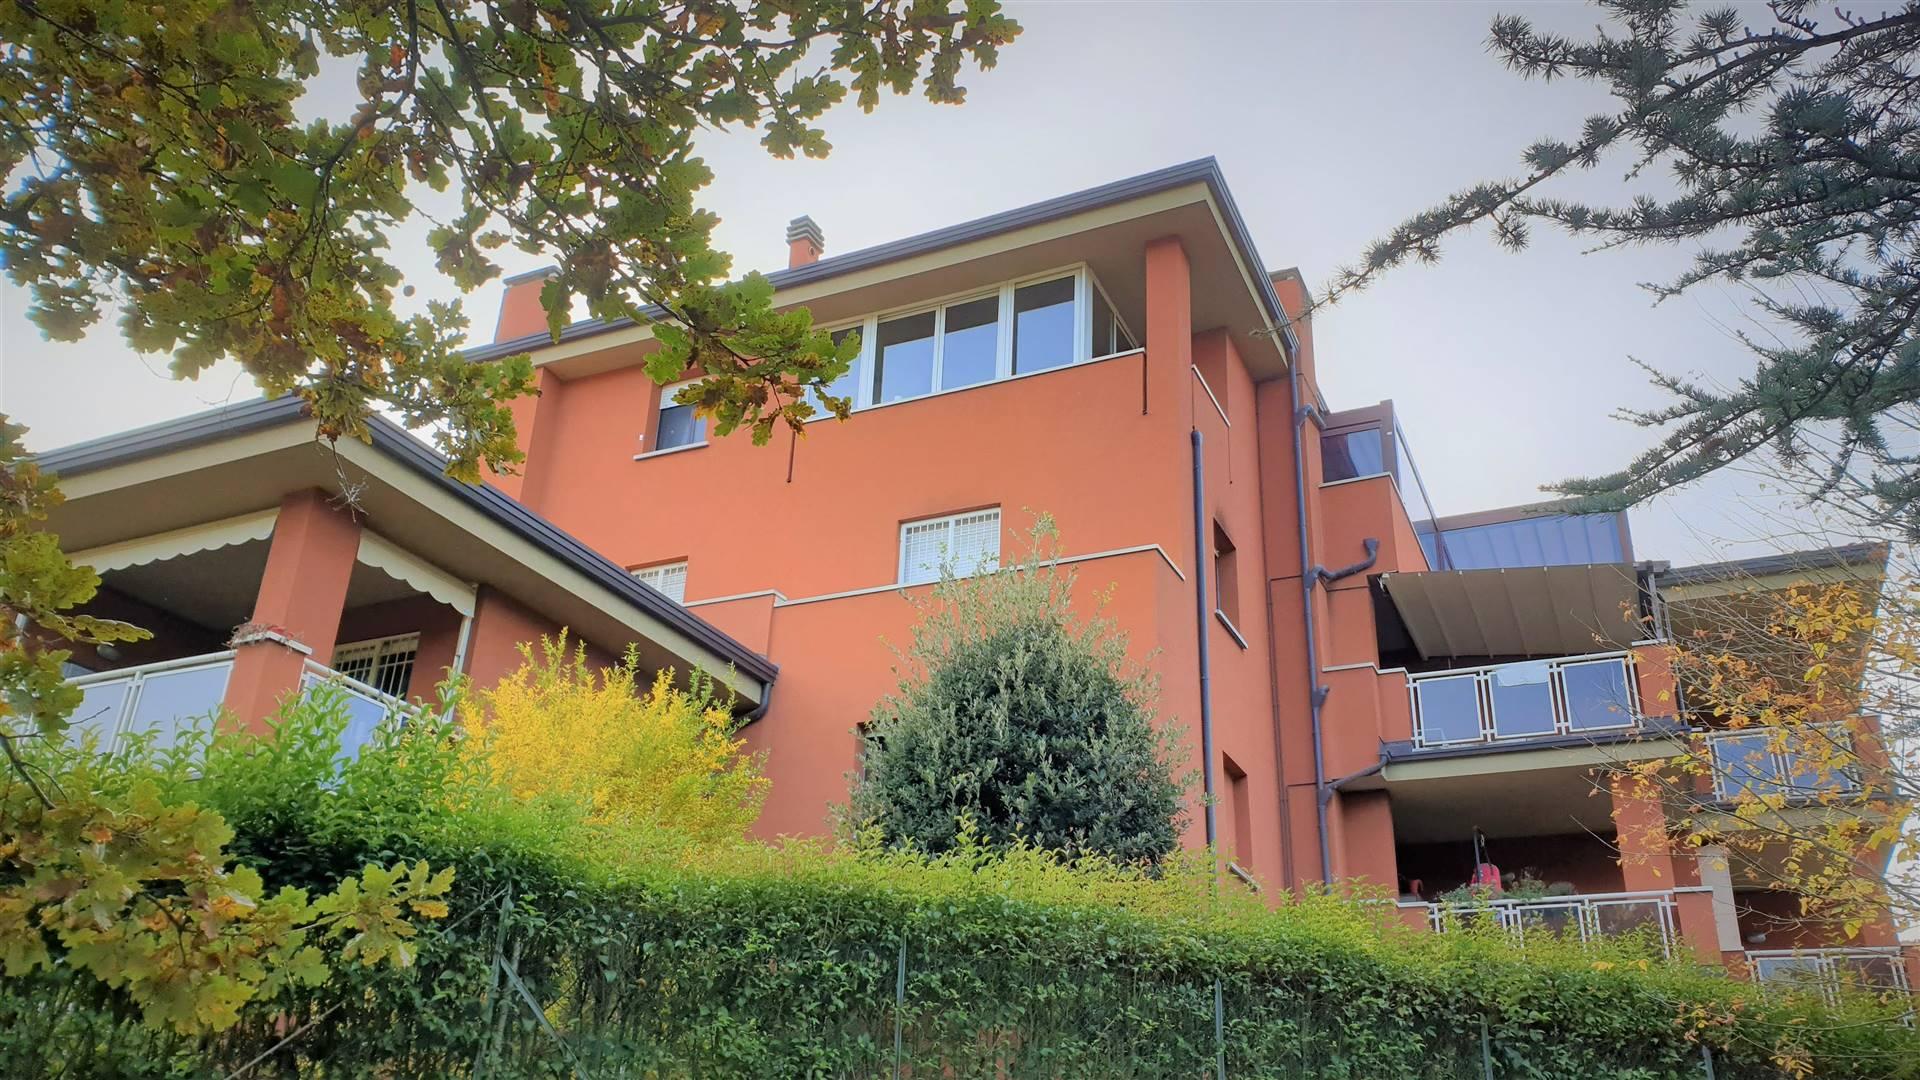 Tra Pianoro e Rastignano, bell'appartamento in palazzina di recente costruzione, tenuto veramente con cura. Ingresso arredabile, soggiorno con